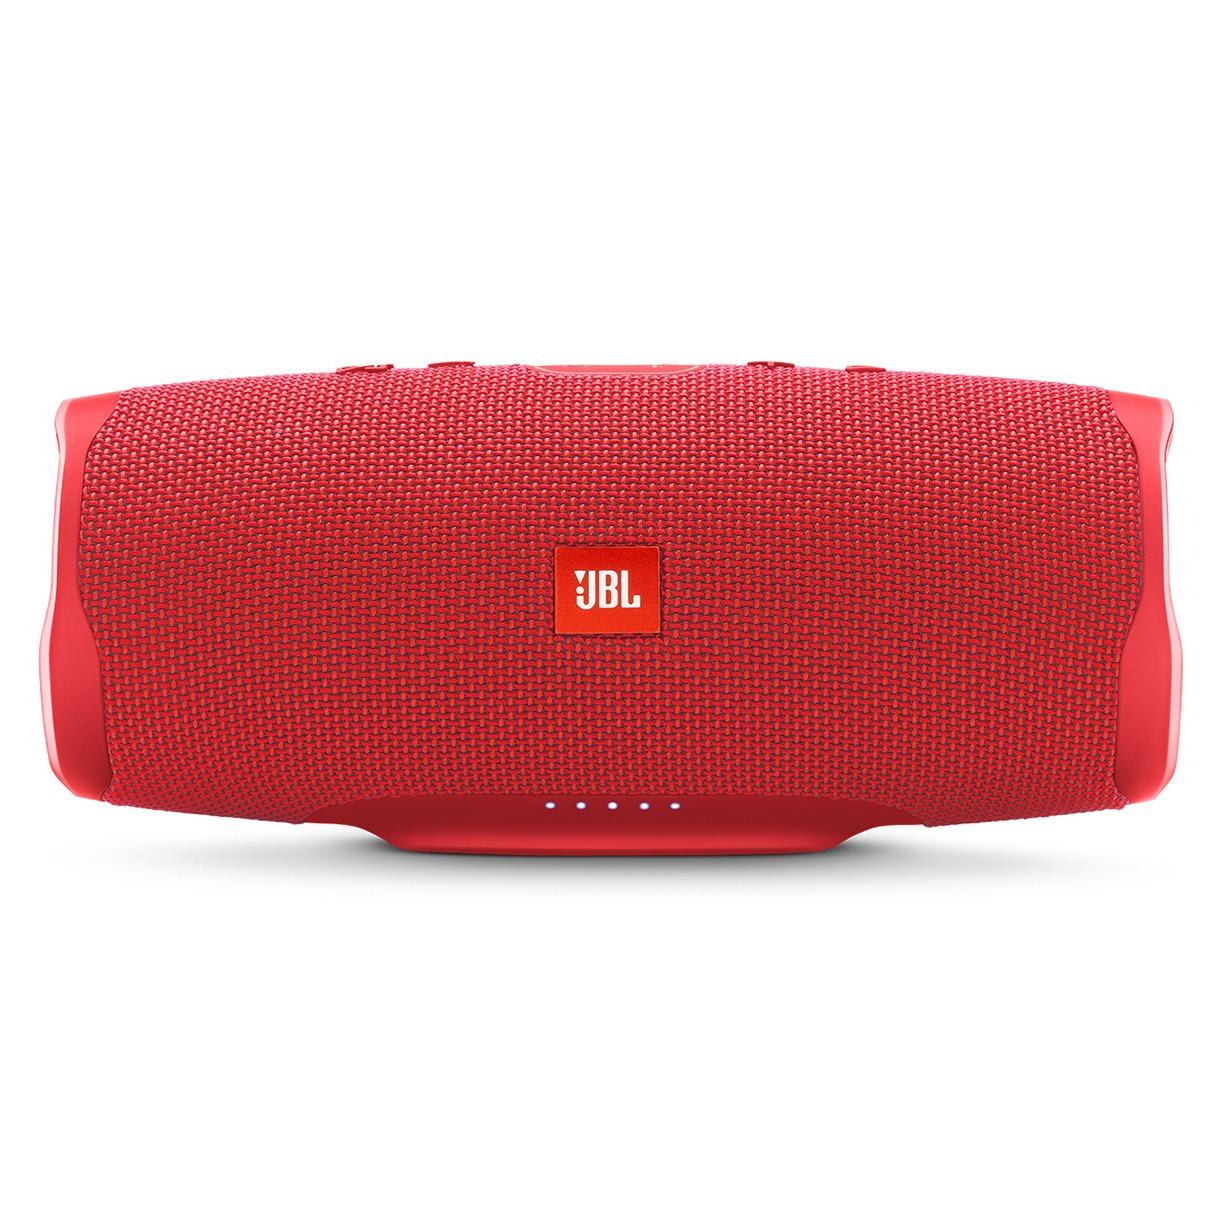 JBL bluetooth speaker Charge 4 rood